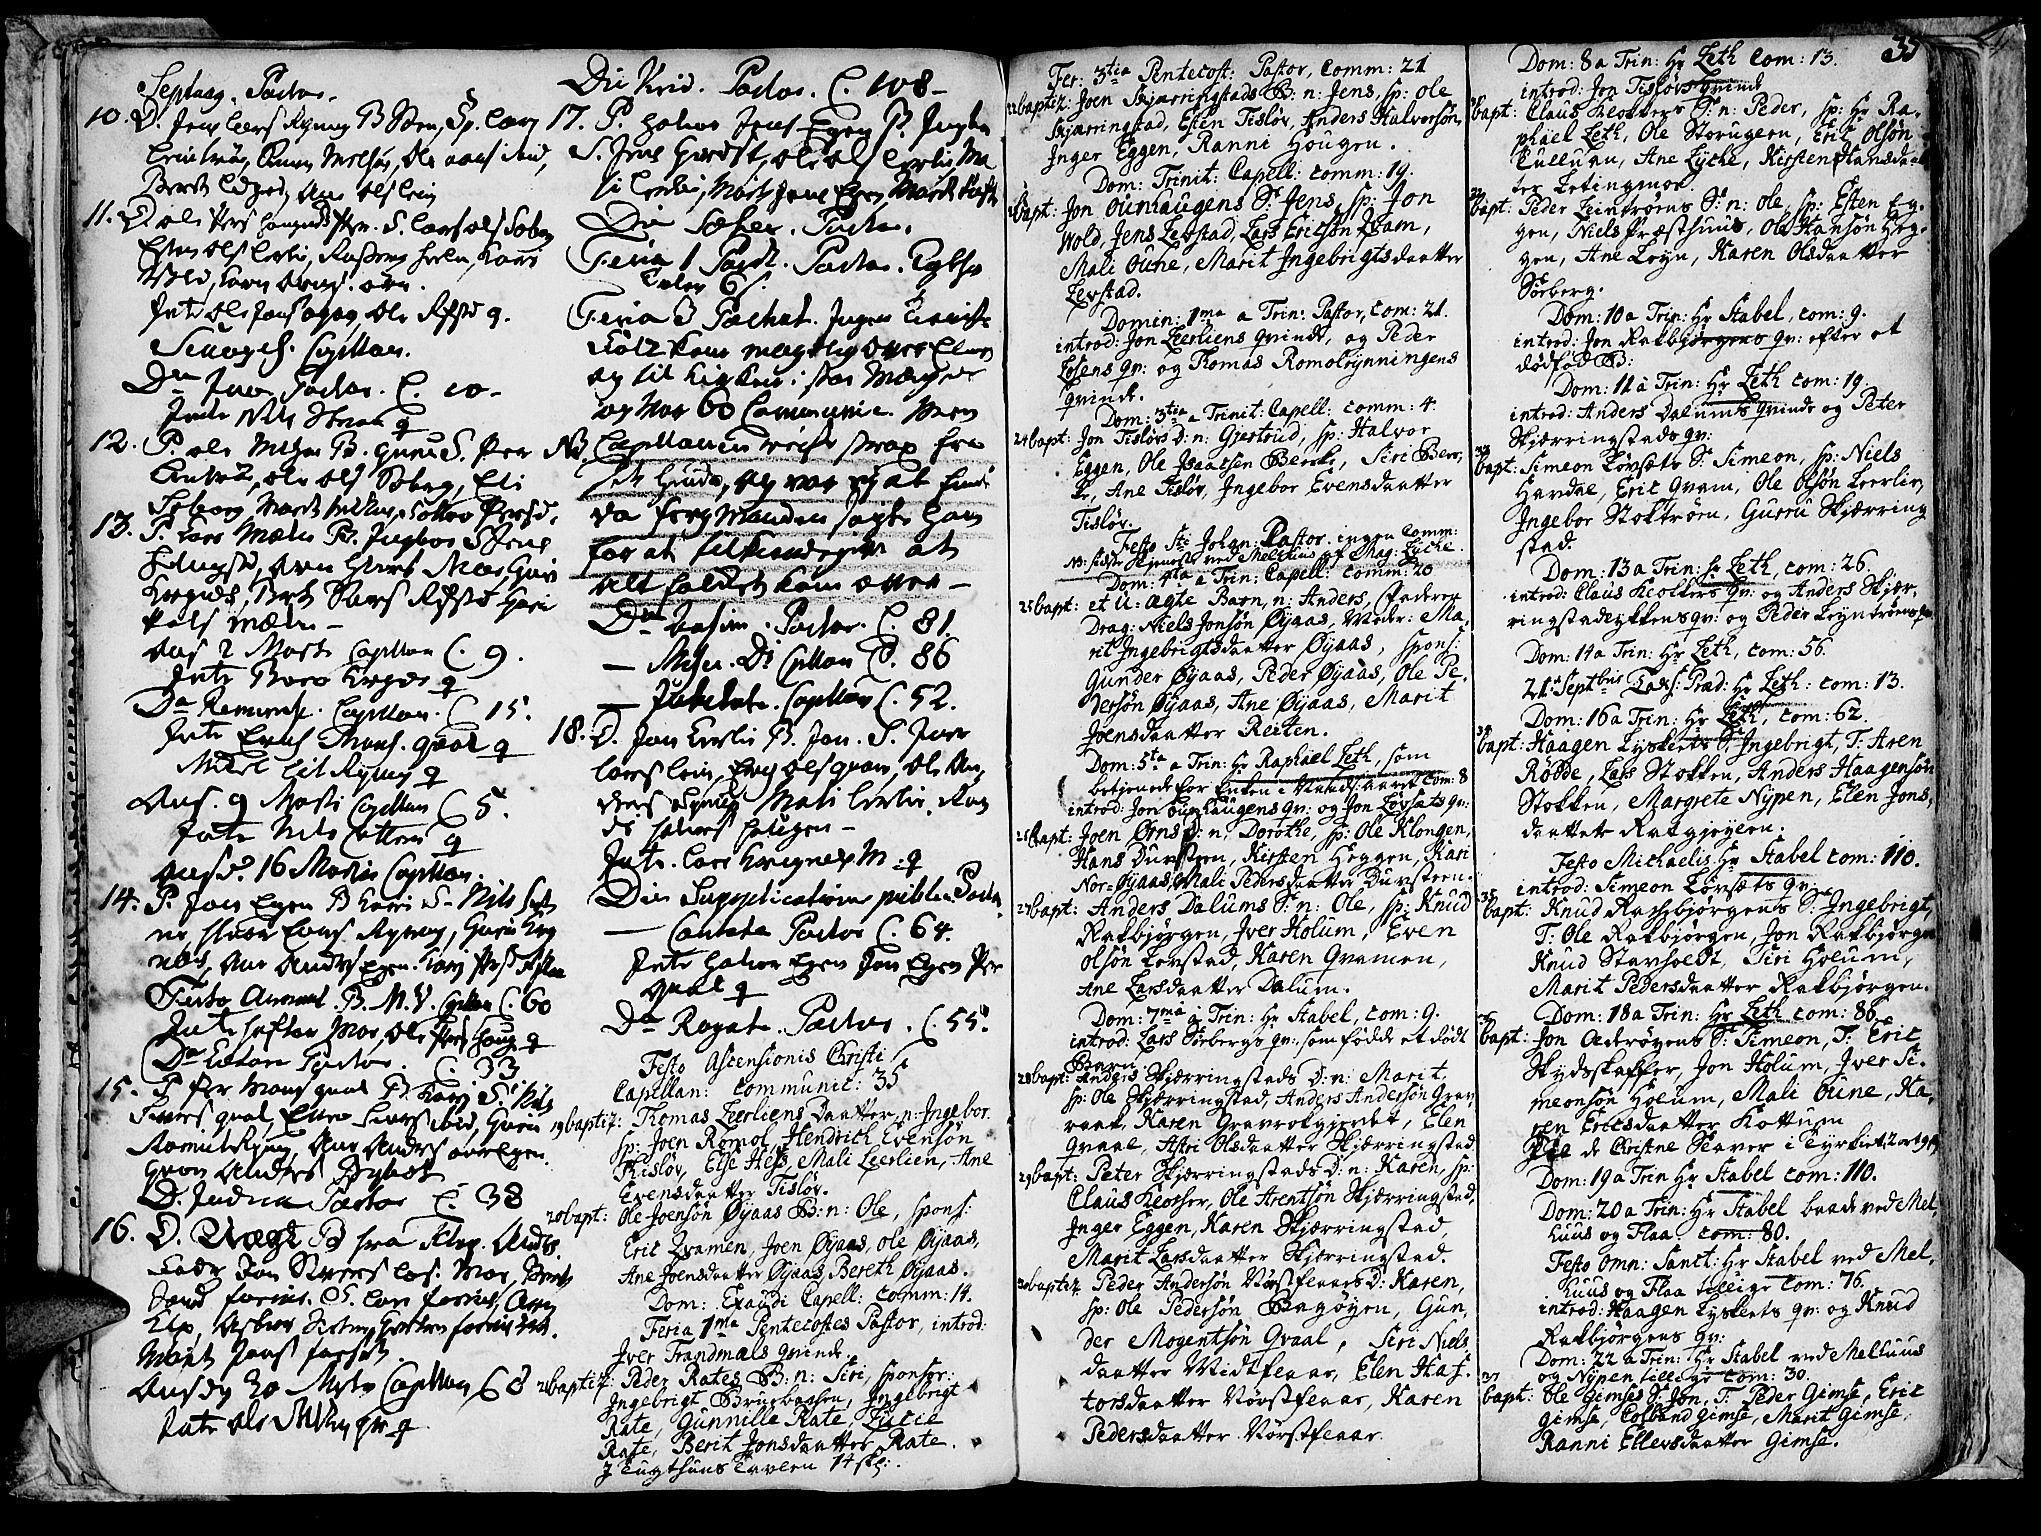 SAT, Ministerialprotokoller, klokkerbøker og fødselsregistre - Sør-Trøndelag, 691/L1057: Ministerialbok nr. 691A01 /1, 1740-1767, s. 35